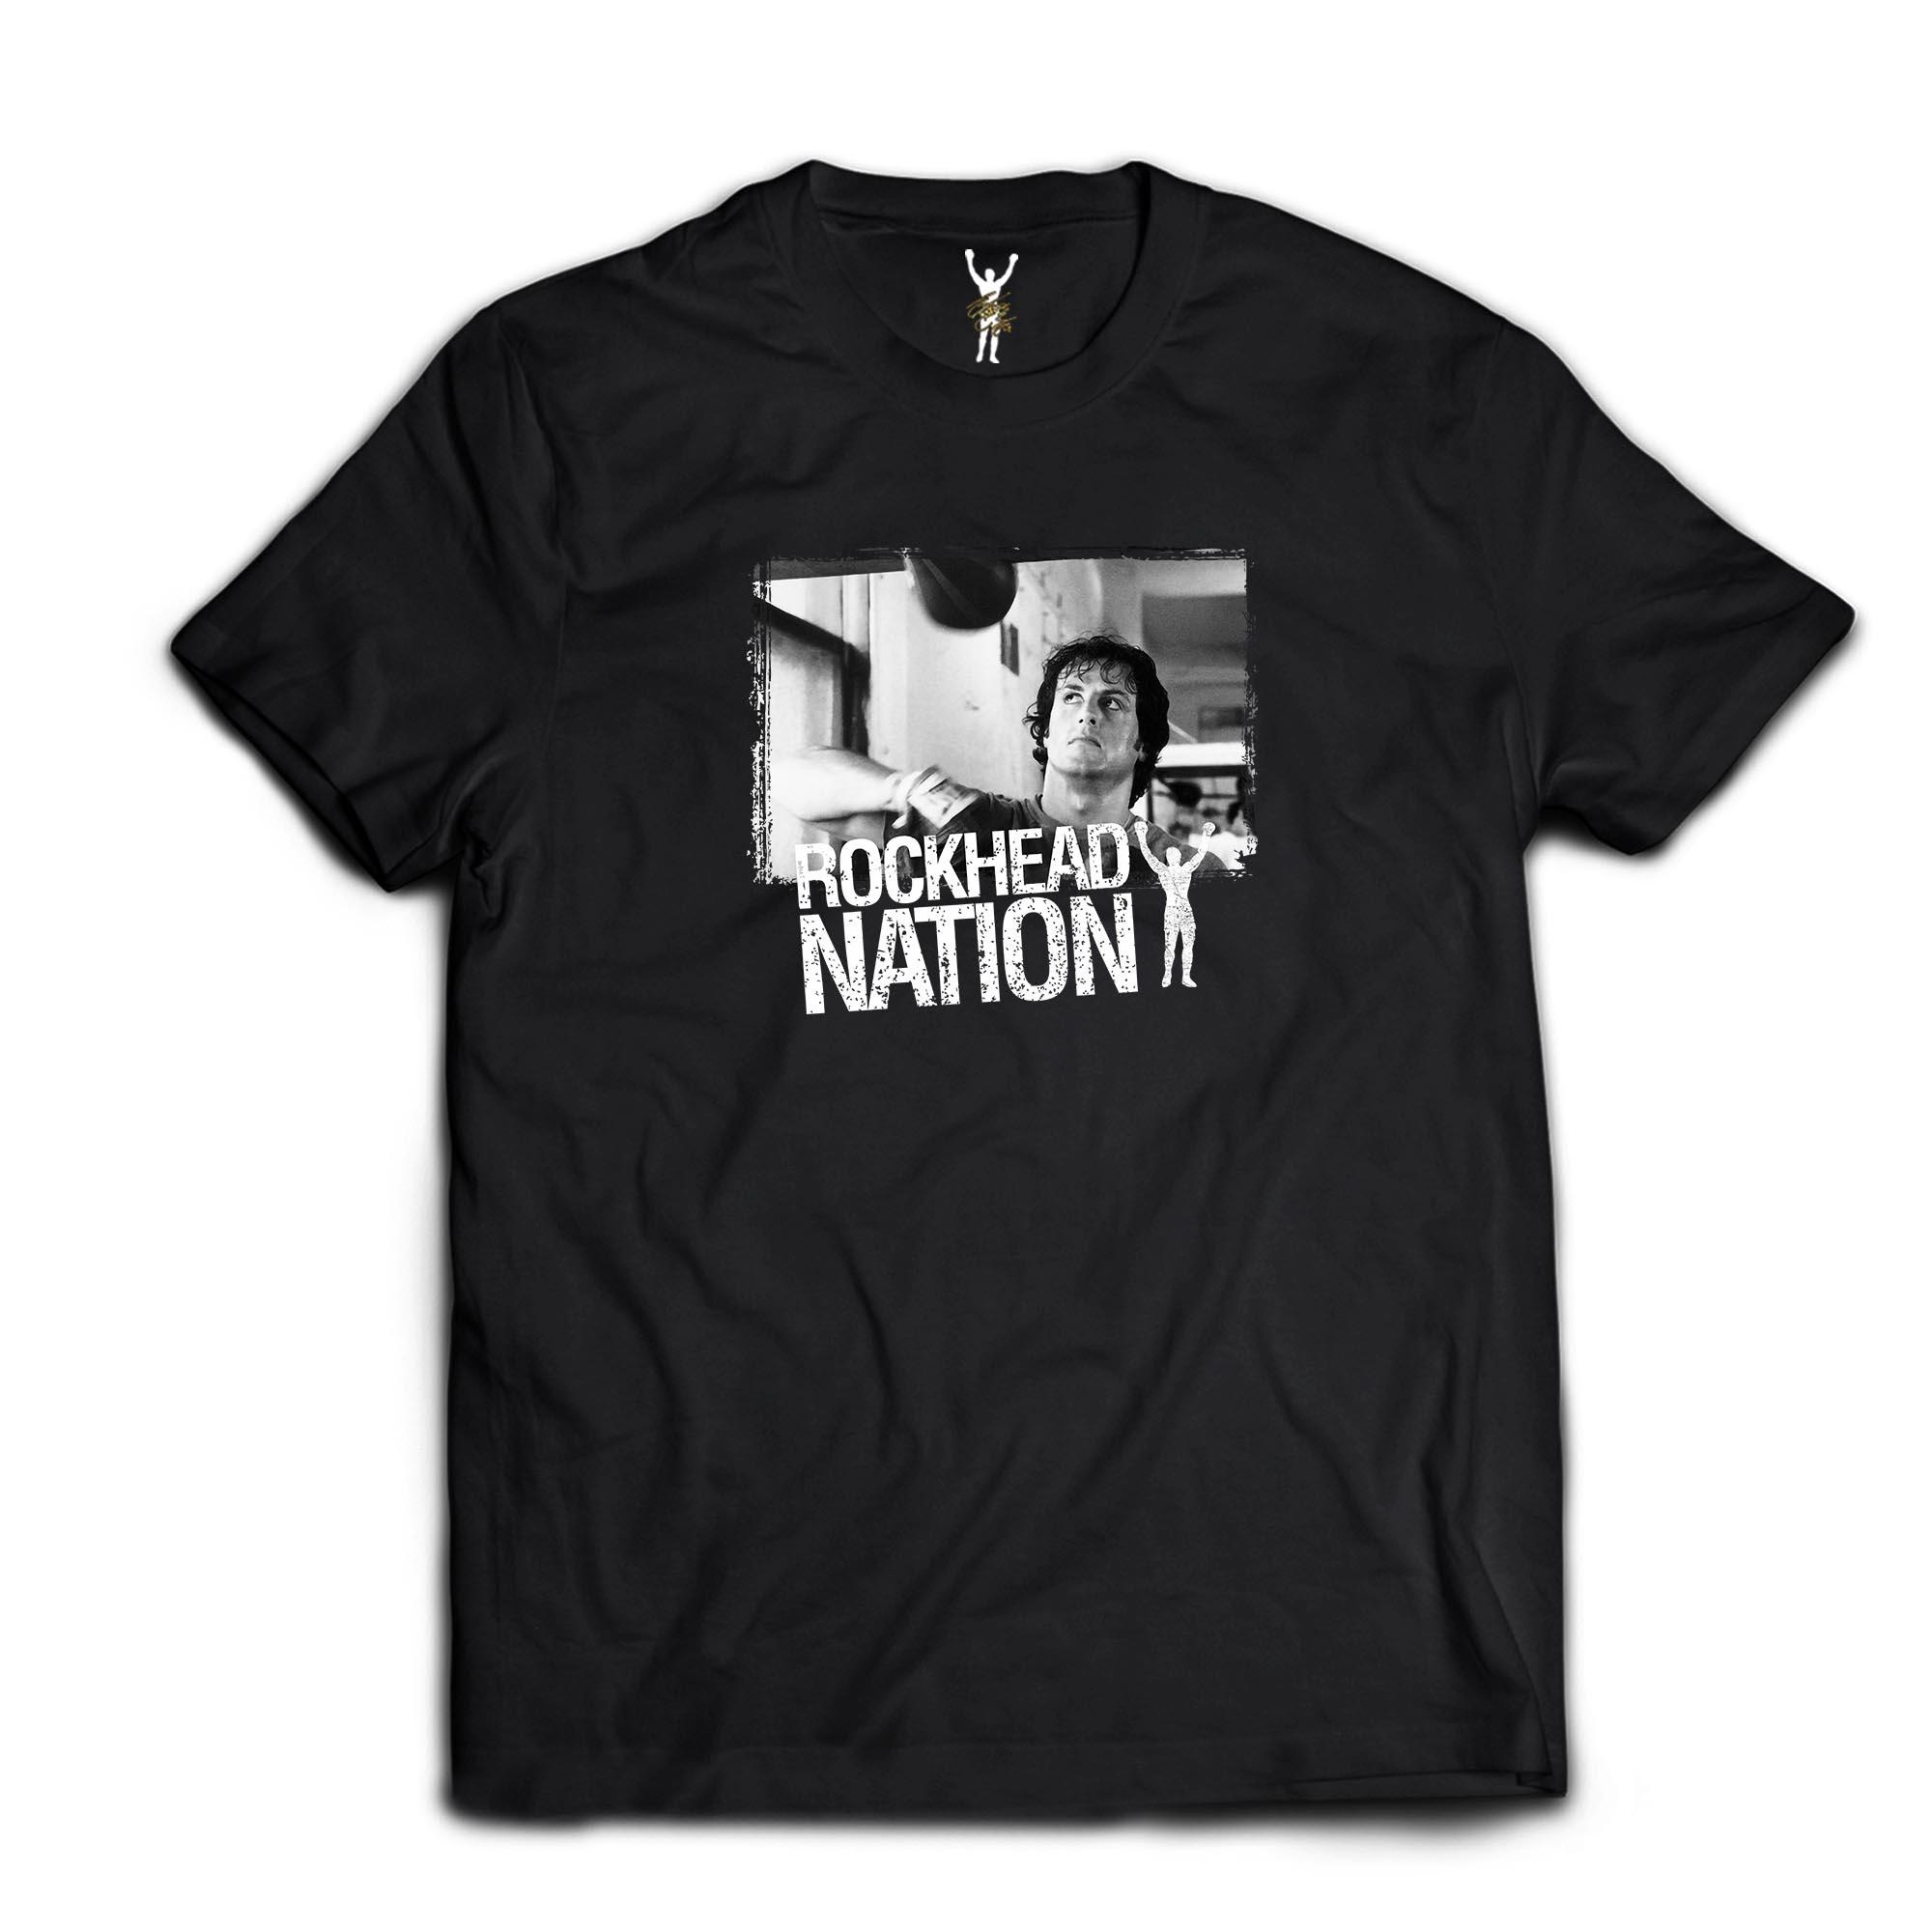 Rockhead Nation Tee